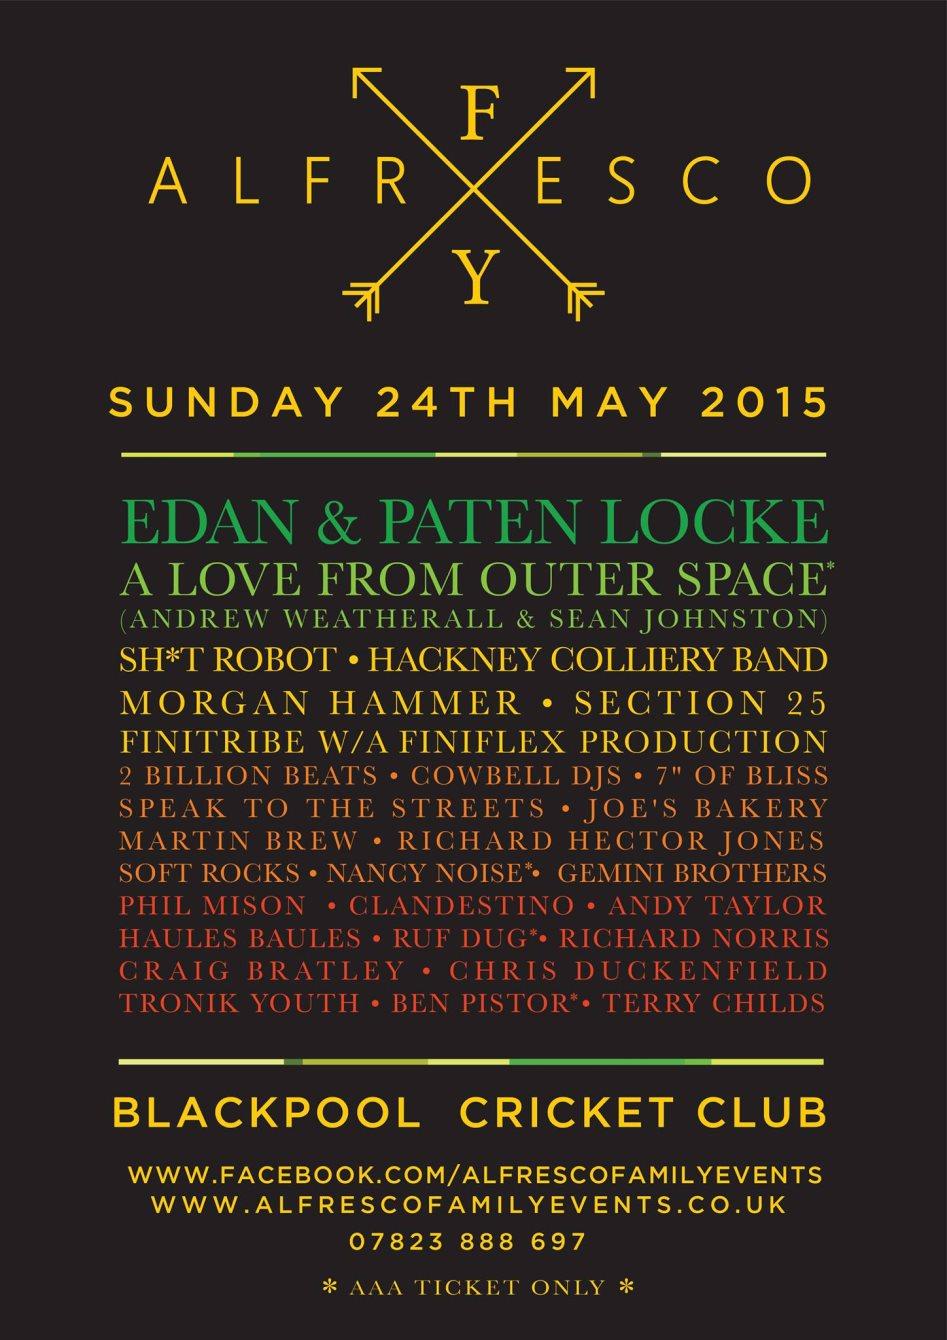 Ra Alfresco Family Festival 2015 At Blackpool Cricket